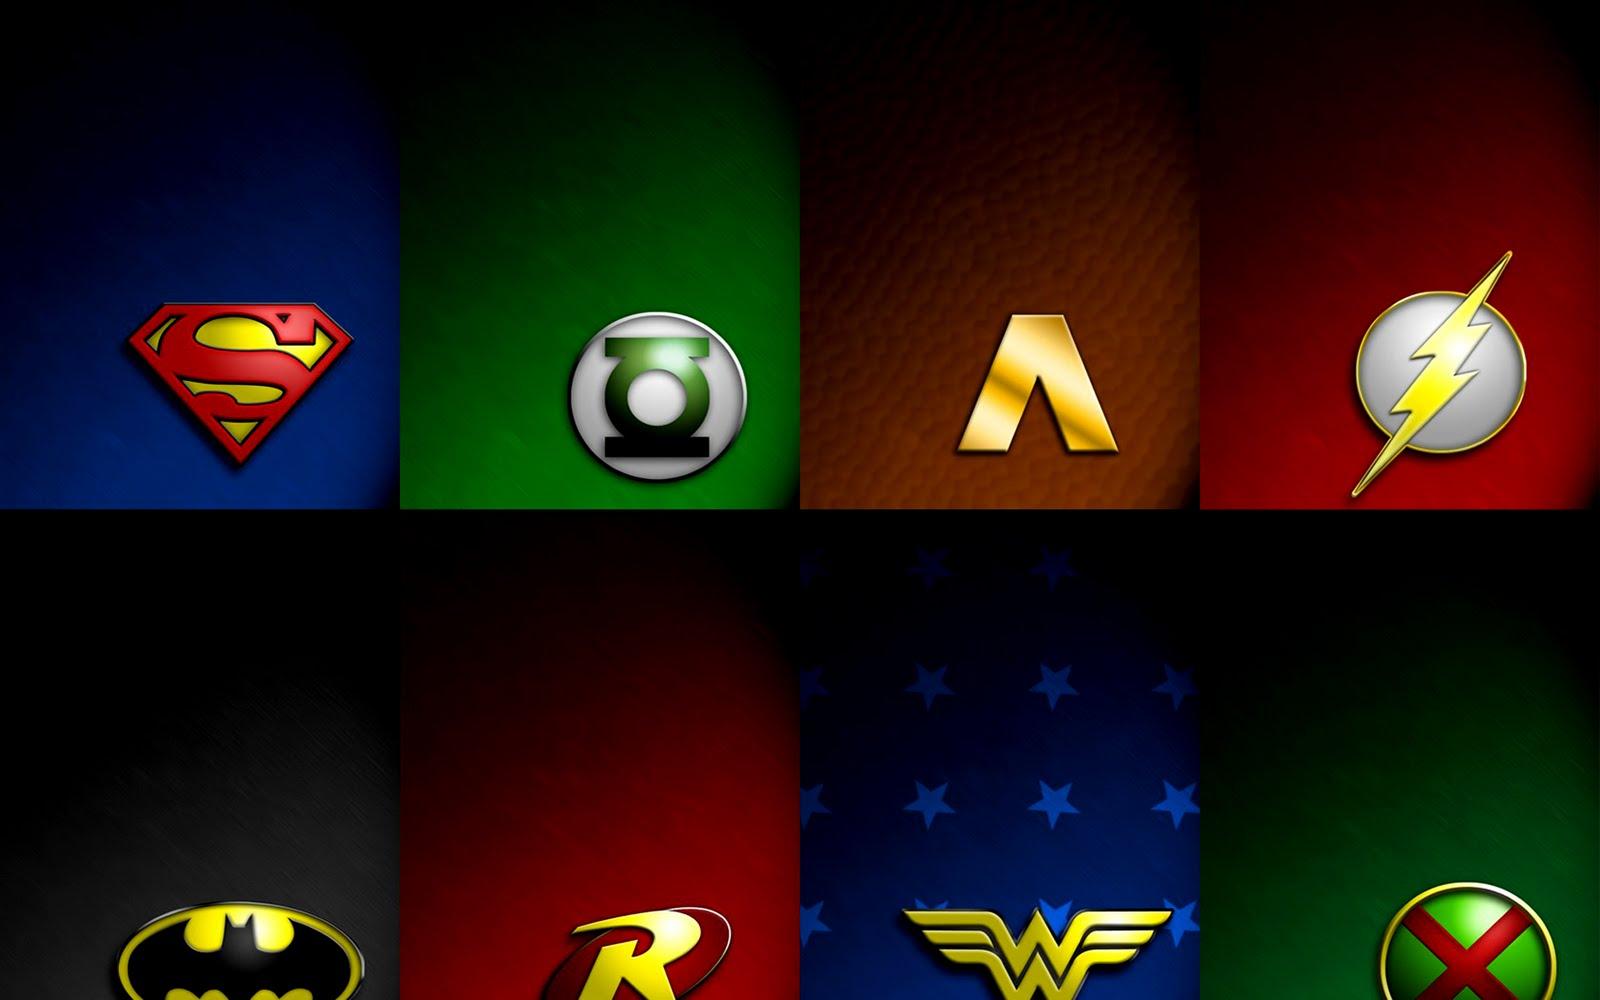 Central Wallpaper DC Comics All Super Heroes HD Wallpapers 1600x1000